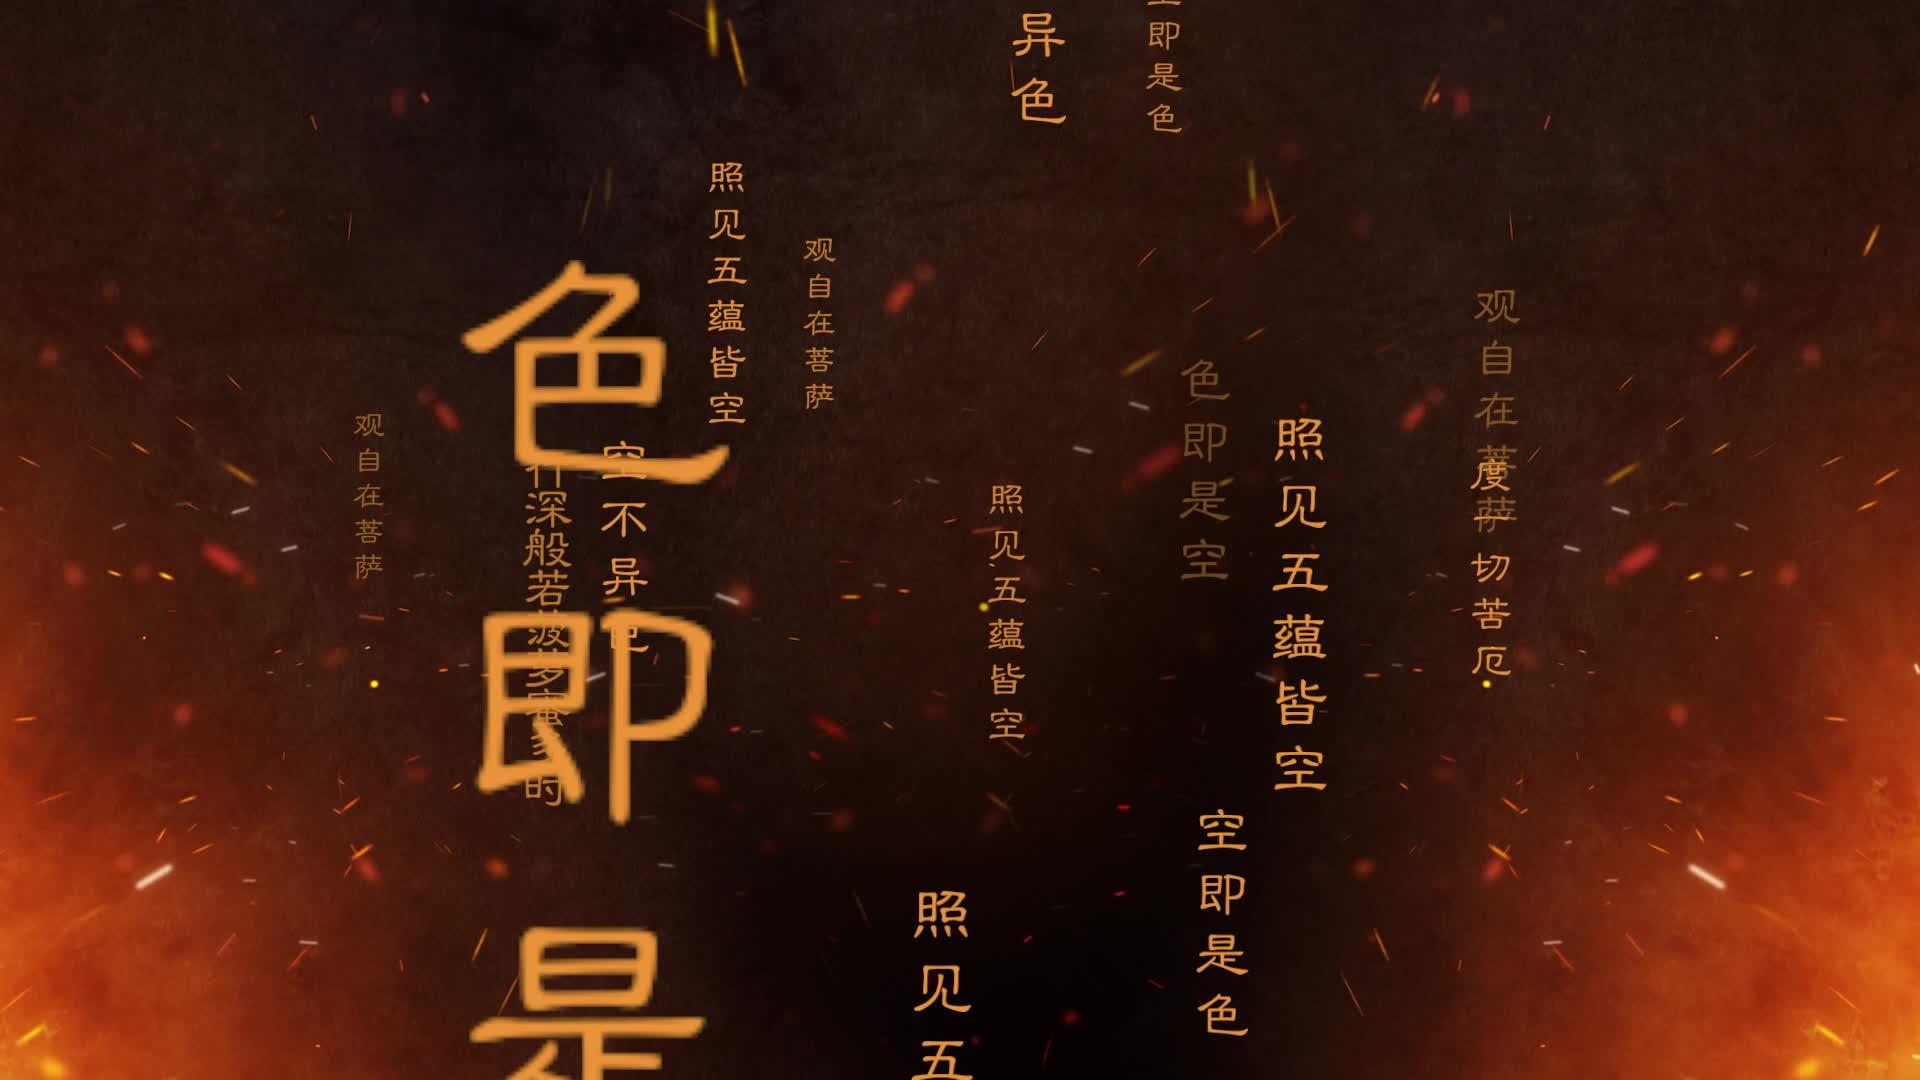 王菲歌曲心经led配乐视频背景素材